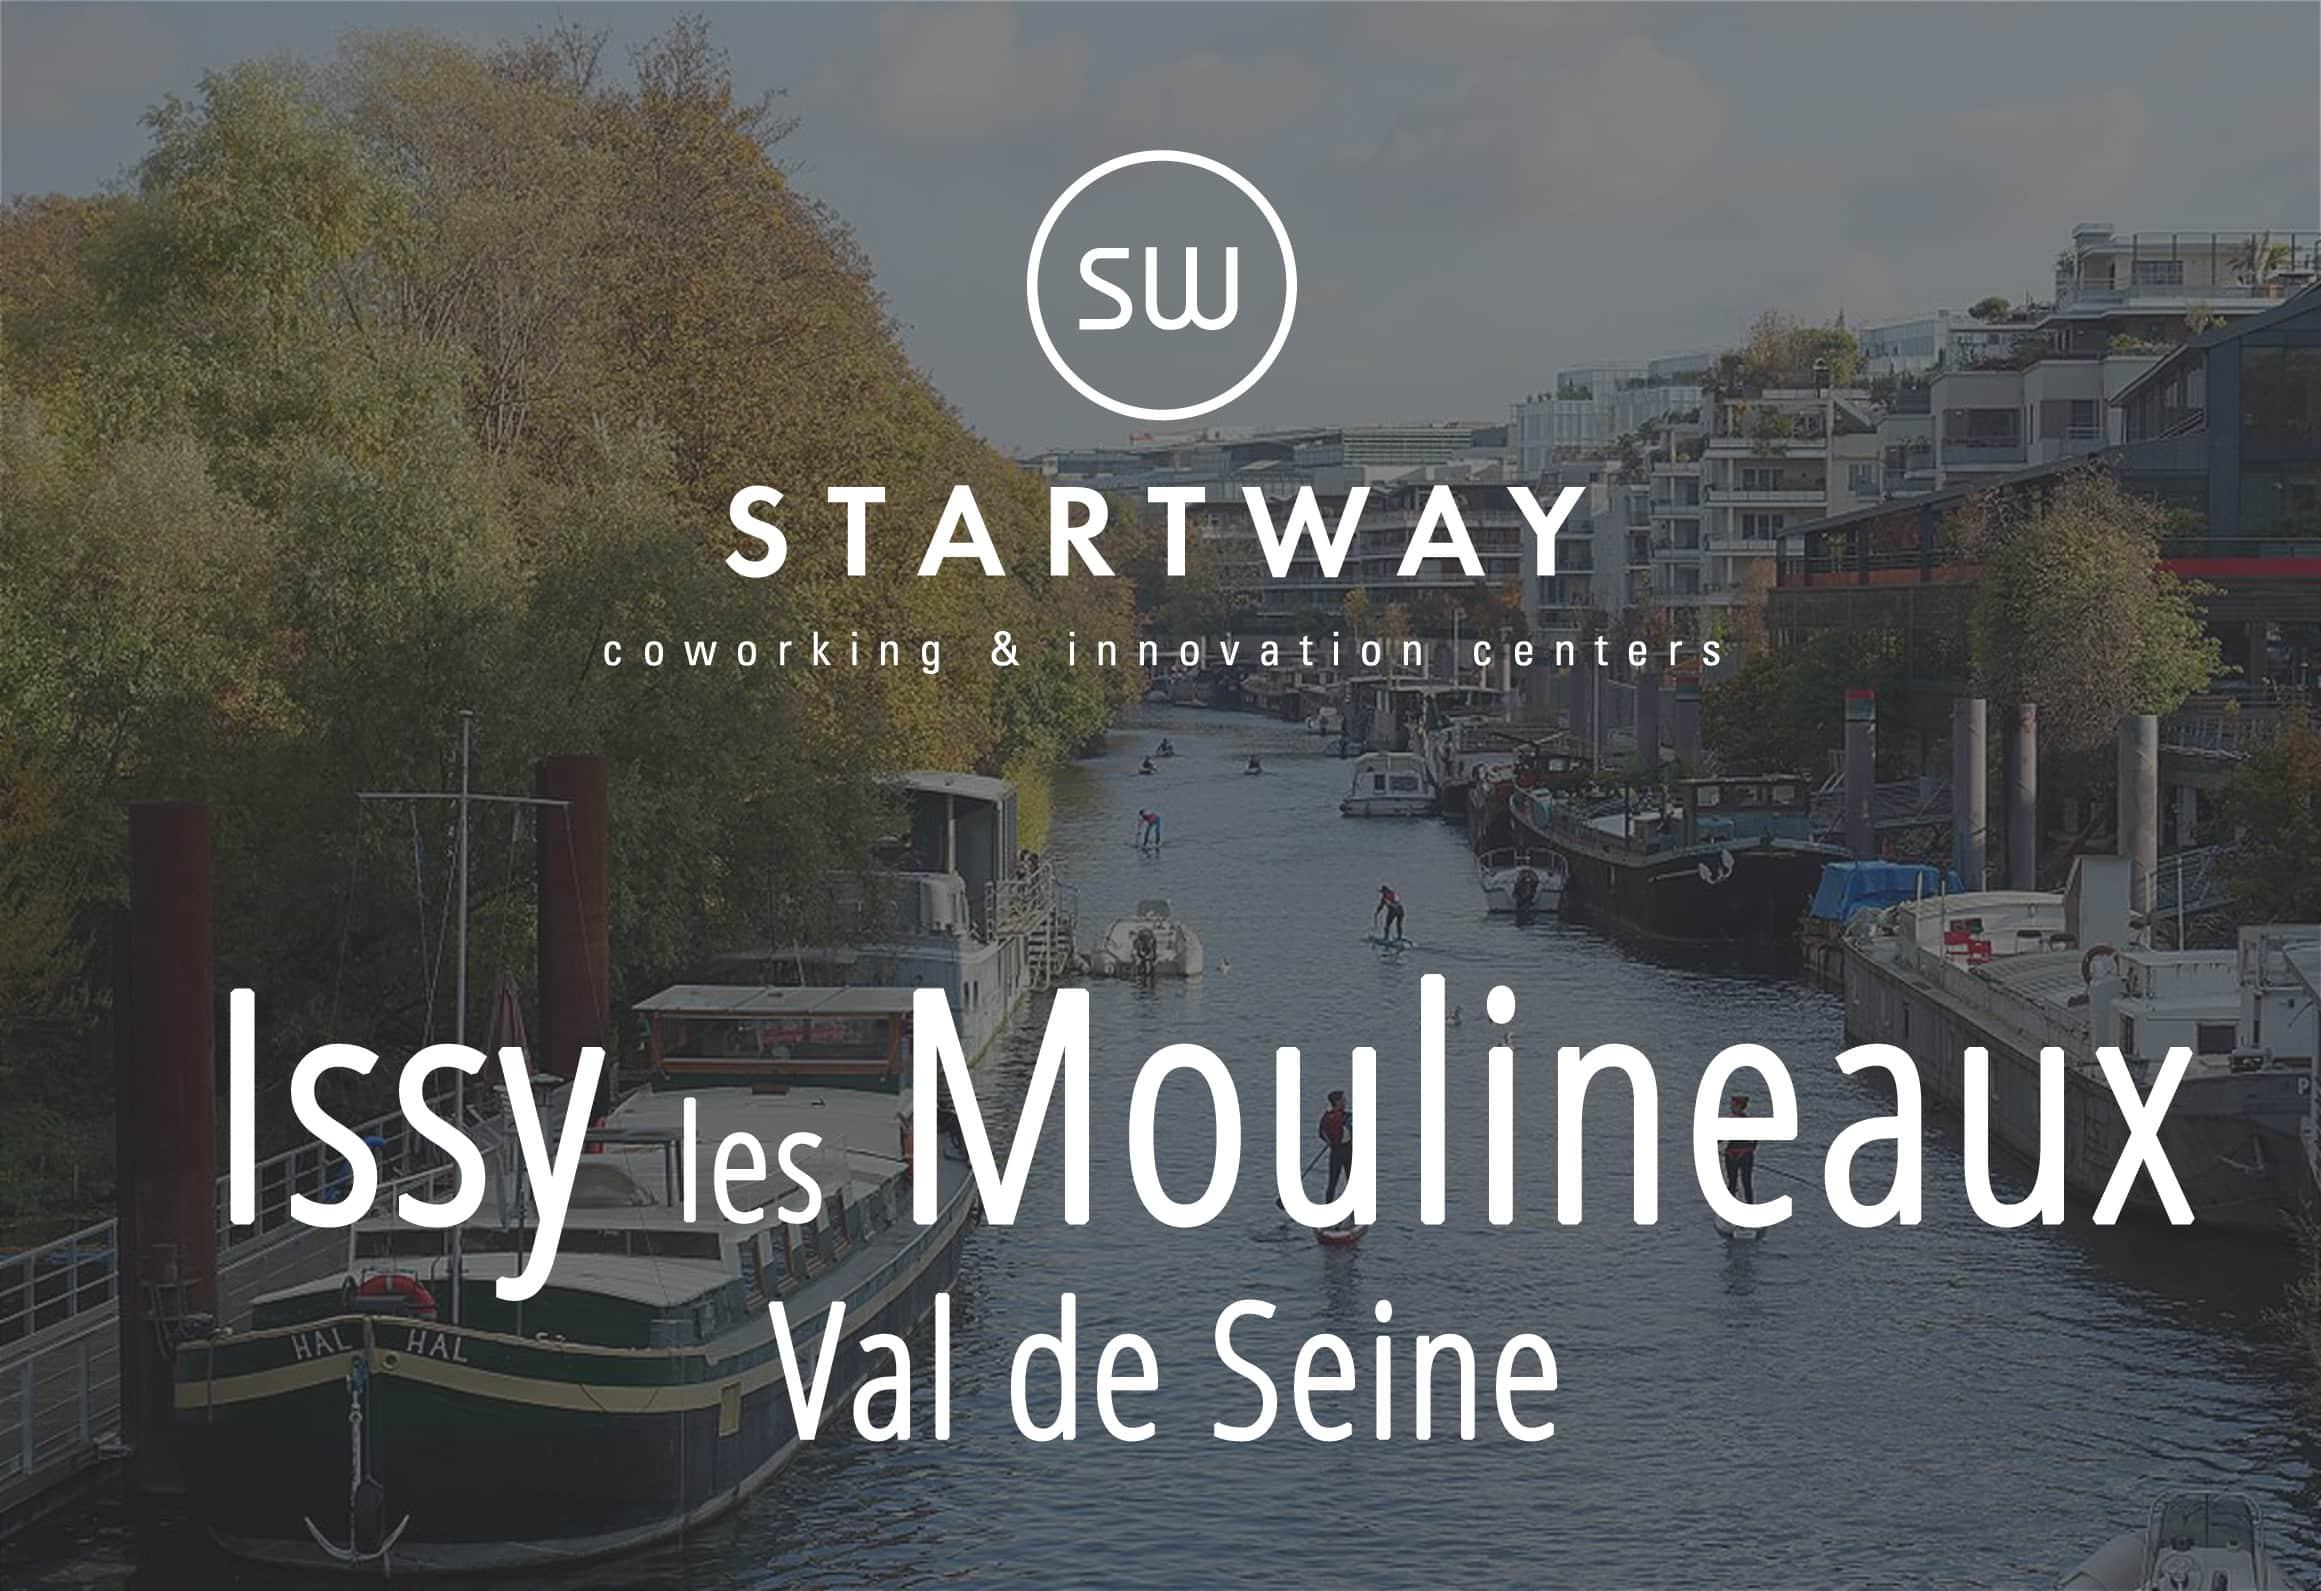 Centre d'affaires et coworking à Issy les Moulineaux Val de Seine